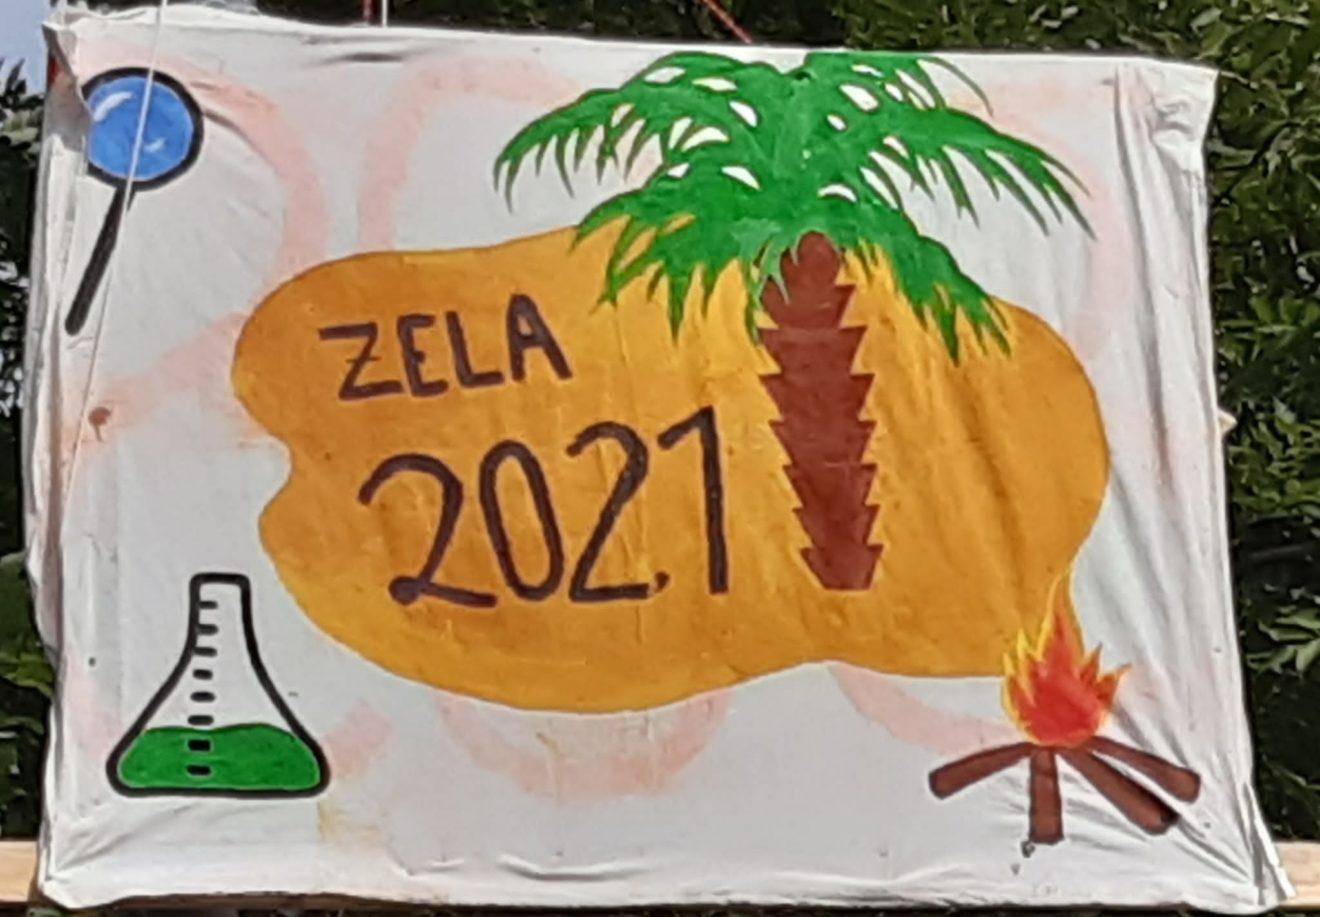 Zeltlager 2021